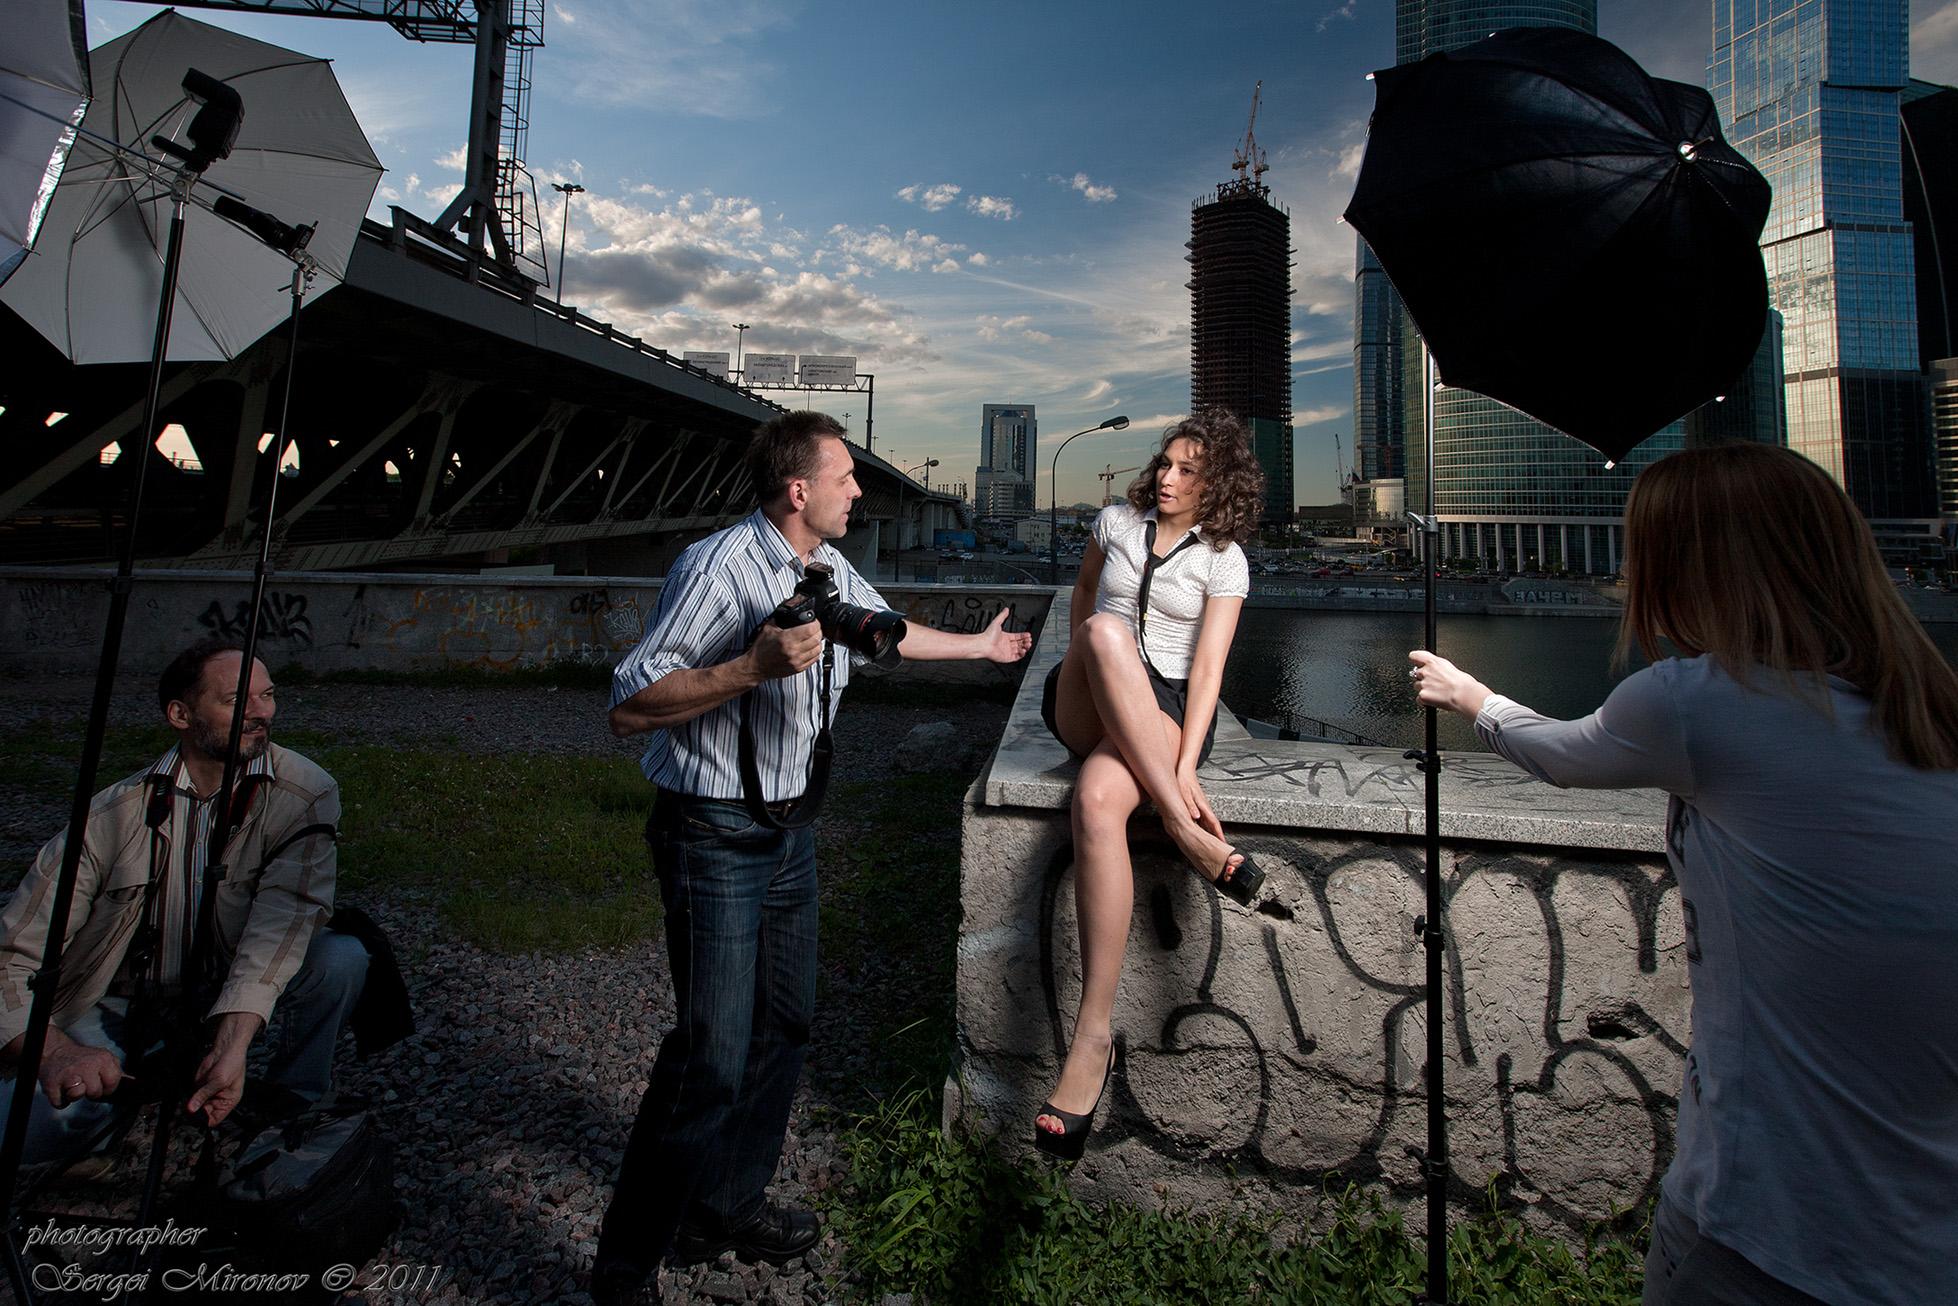 обратить фотосессия в москве с друзьями недорого модели украшаются кисточками